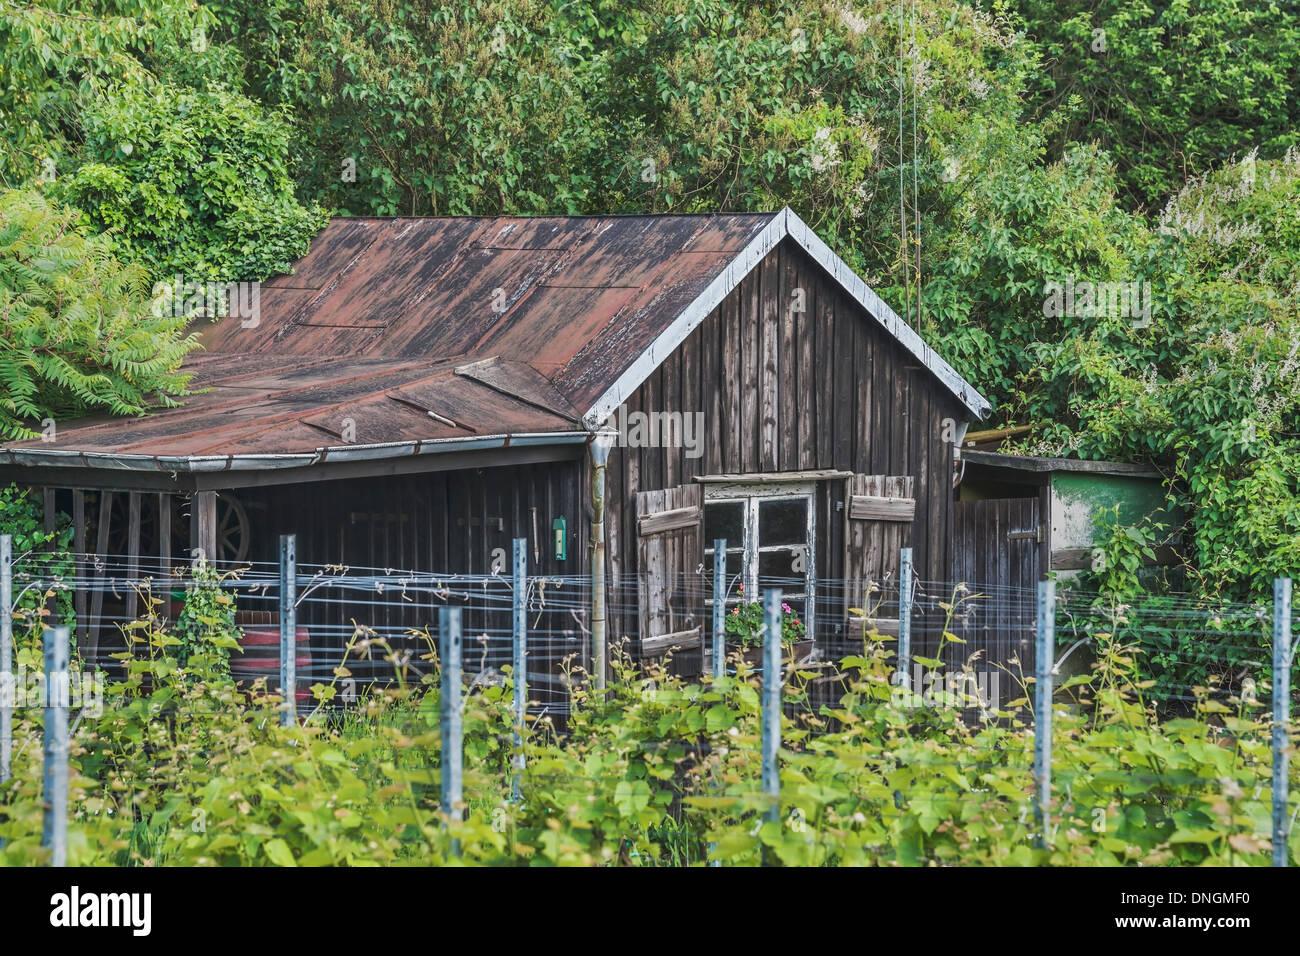 Rebe an eine alte Holzhütte, Sachsen, Deutschland, Europa Stockbild